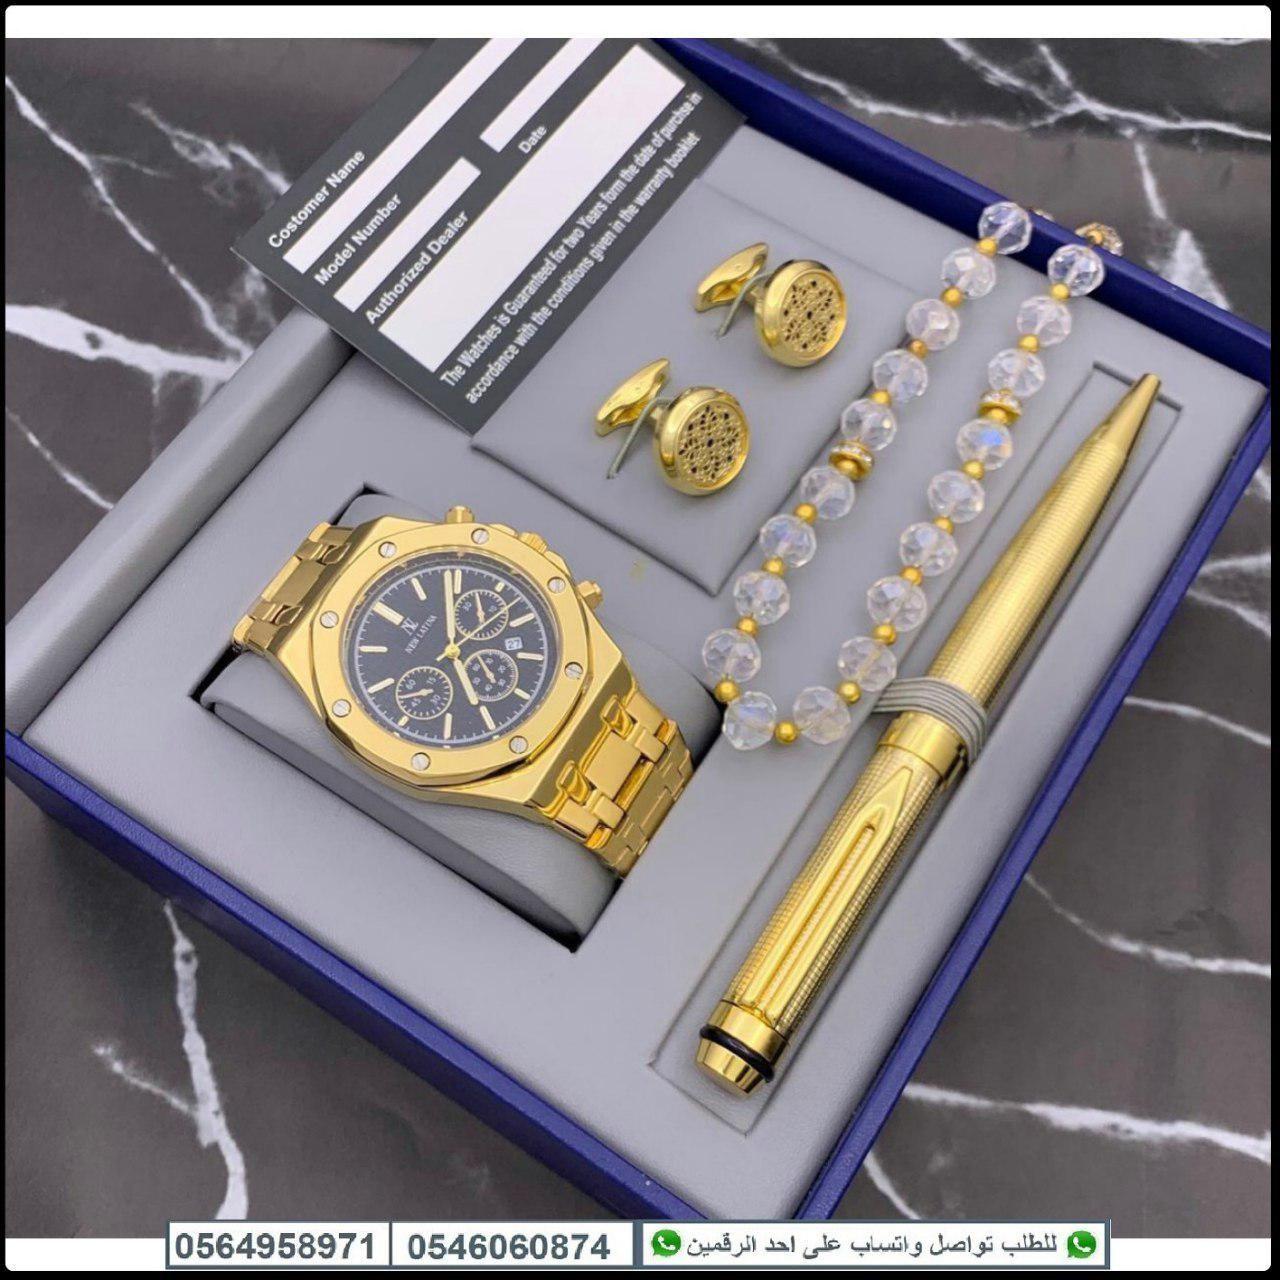 ساعات شكل ادمر بياجيه رجاليه مع قلم و سبحه وكبك بالاضافه للعلبه و الكرت Michael Kors Watch Kors Watches Rolex Watches